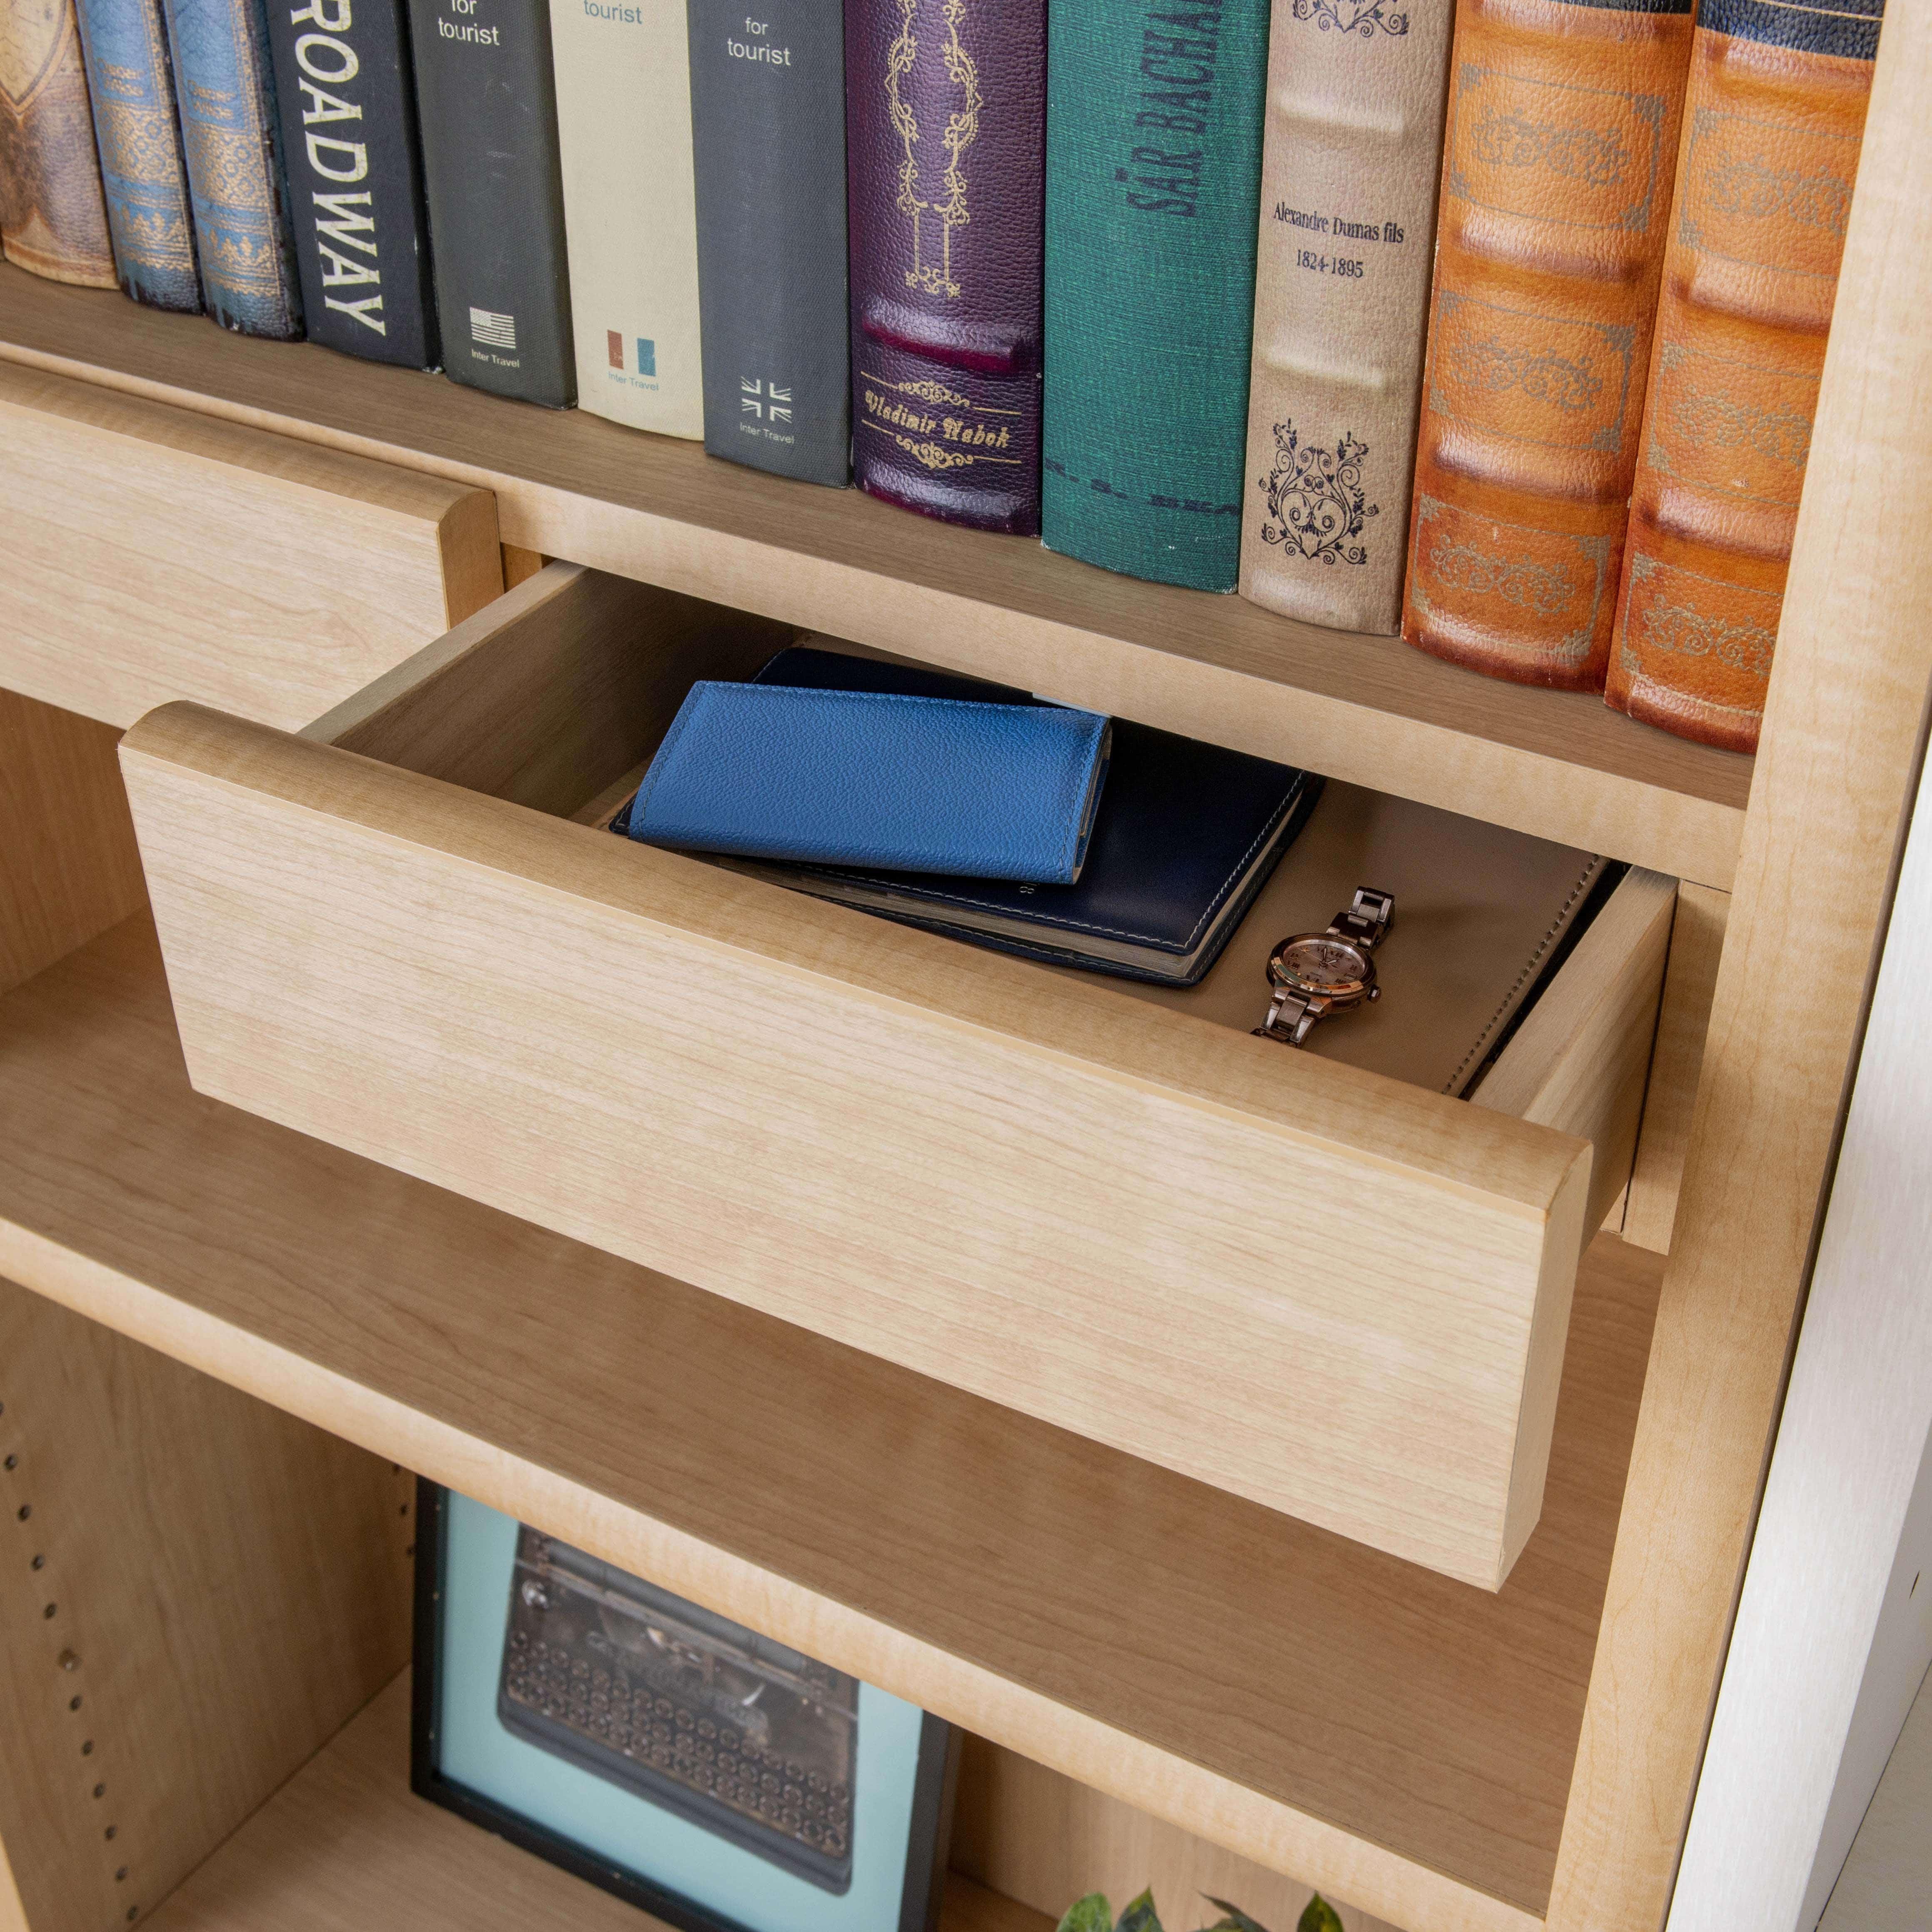 小島工芸 書棚 アコード45H(ウォールモカ):収納の幅を広げるオプション引き出し